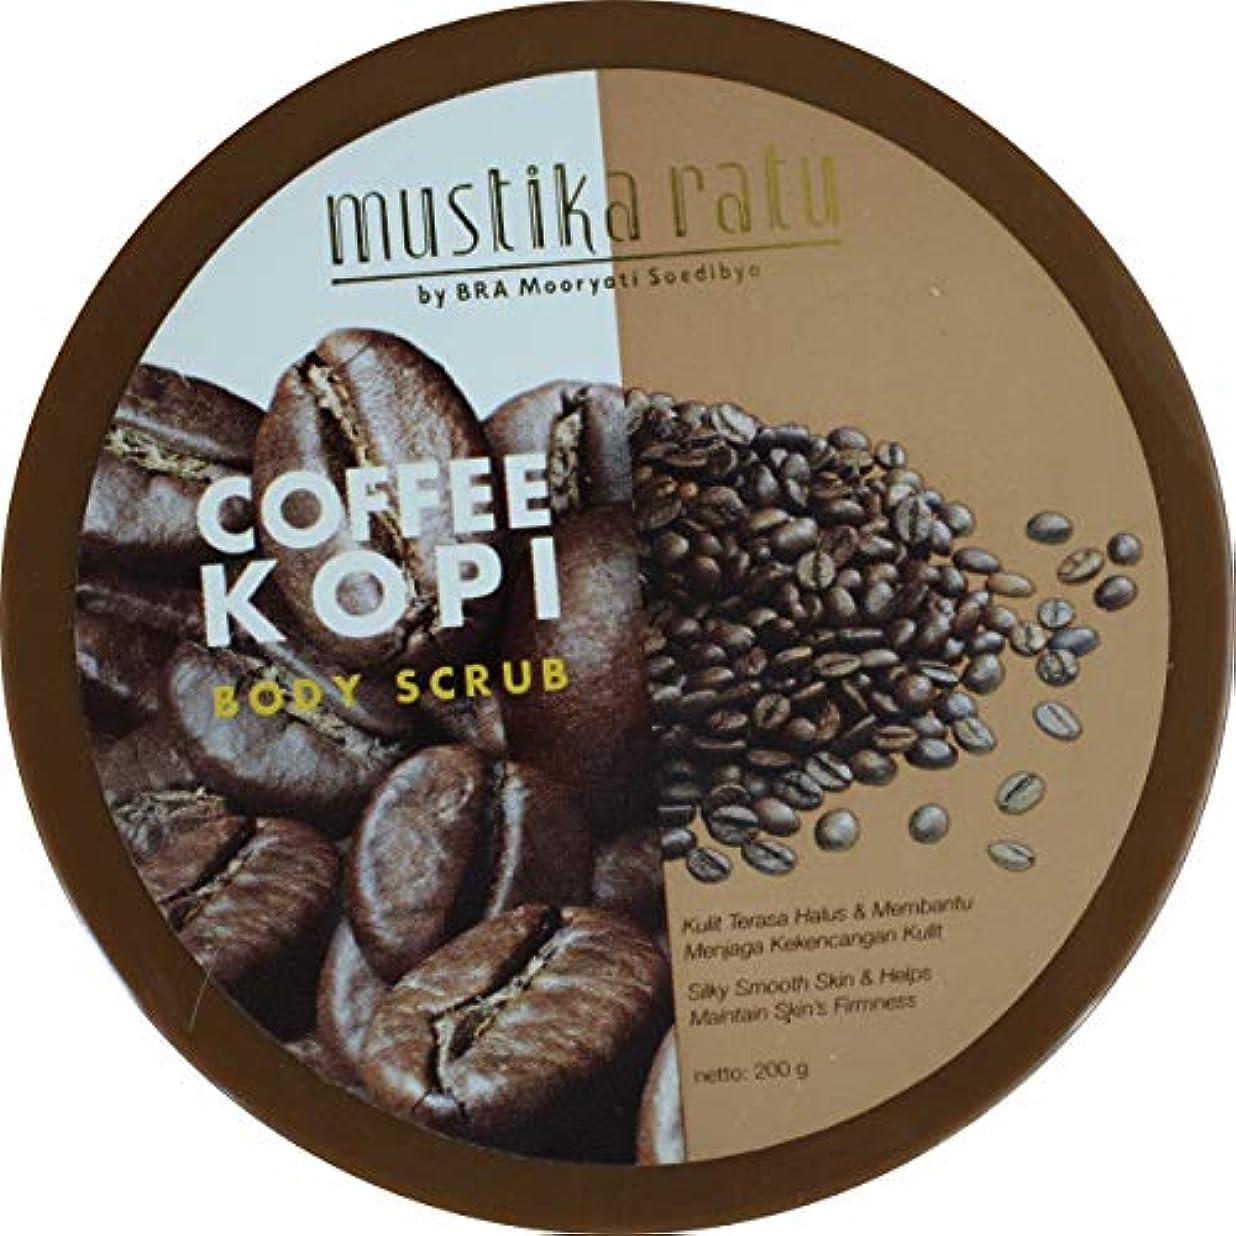 シェーバー見せます時々Mustika Ratu インドネシア200グラム単位でのコーヒーボディスクラップ